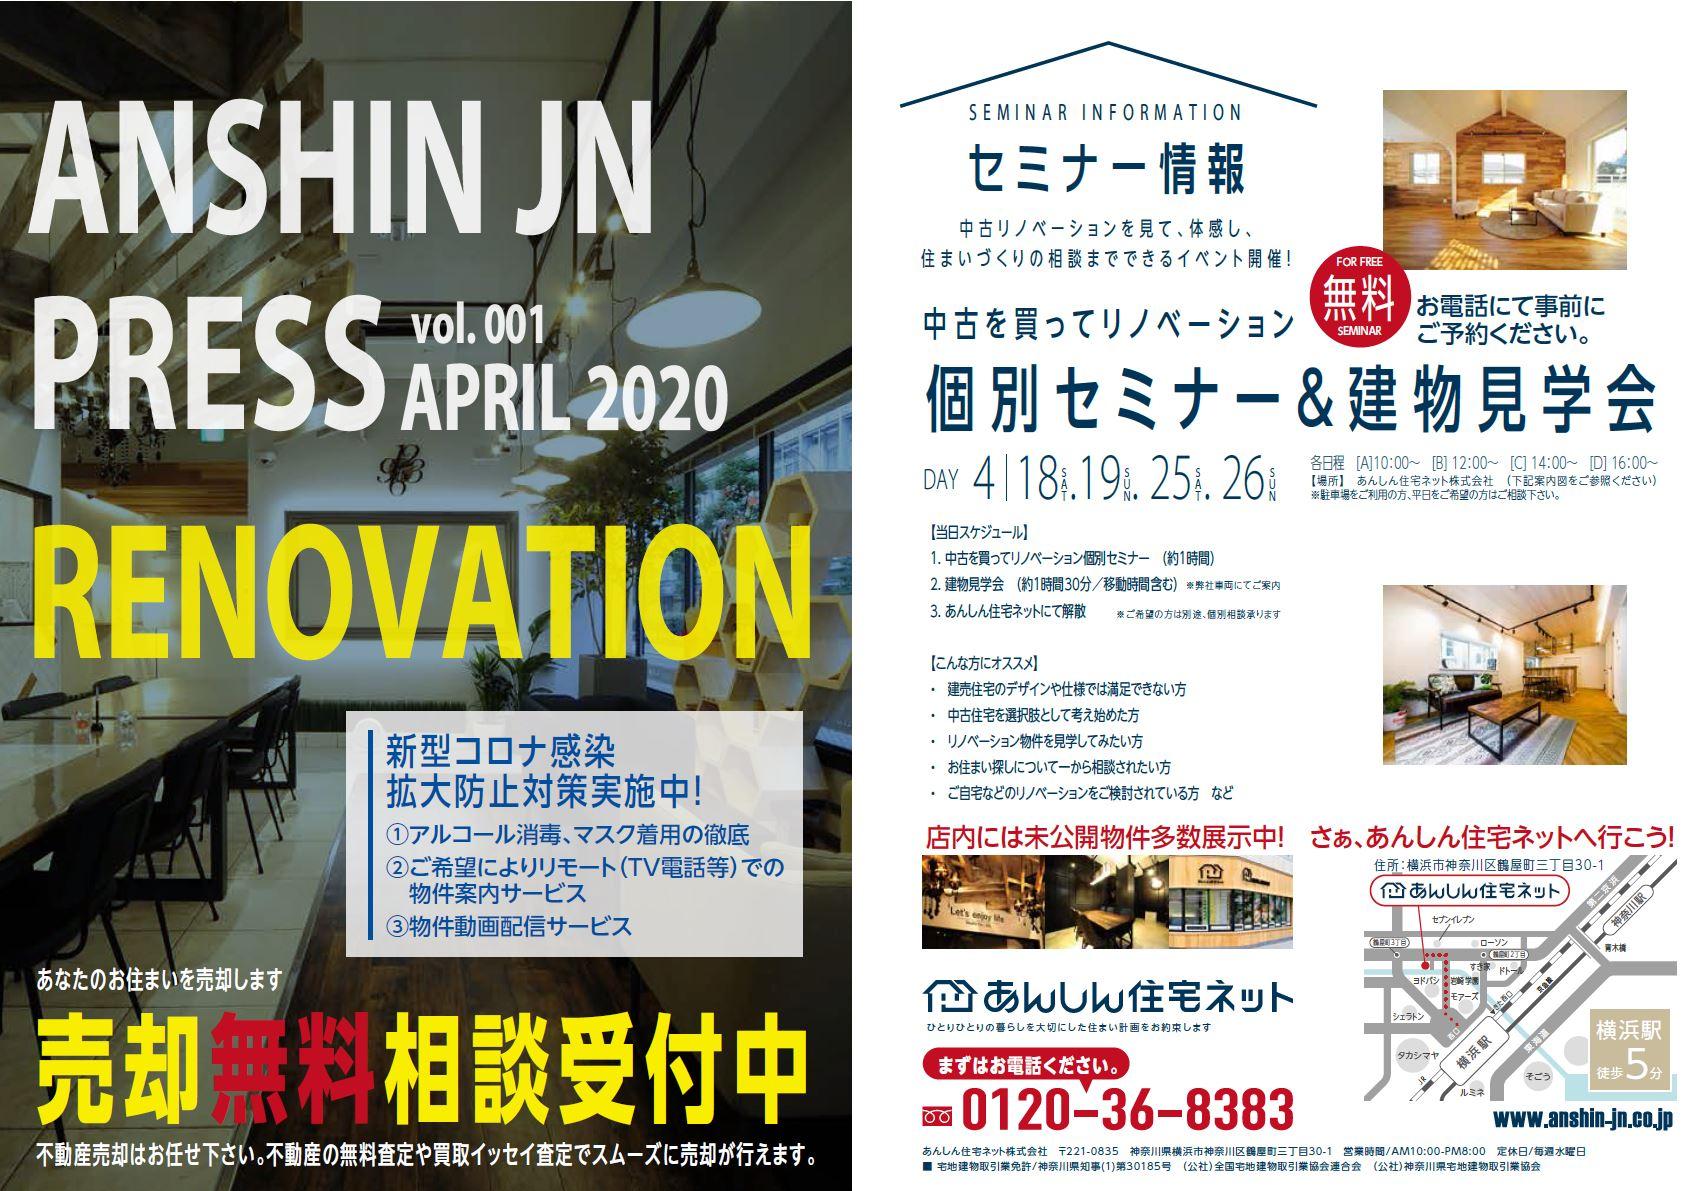 【無料・1日4回開催】個別セミナー&建物見学会 4/25(土)14時~